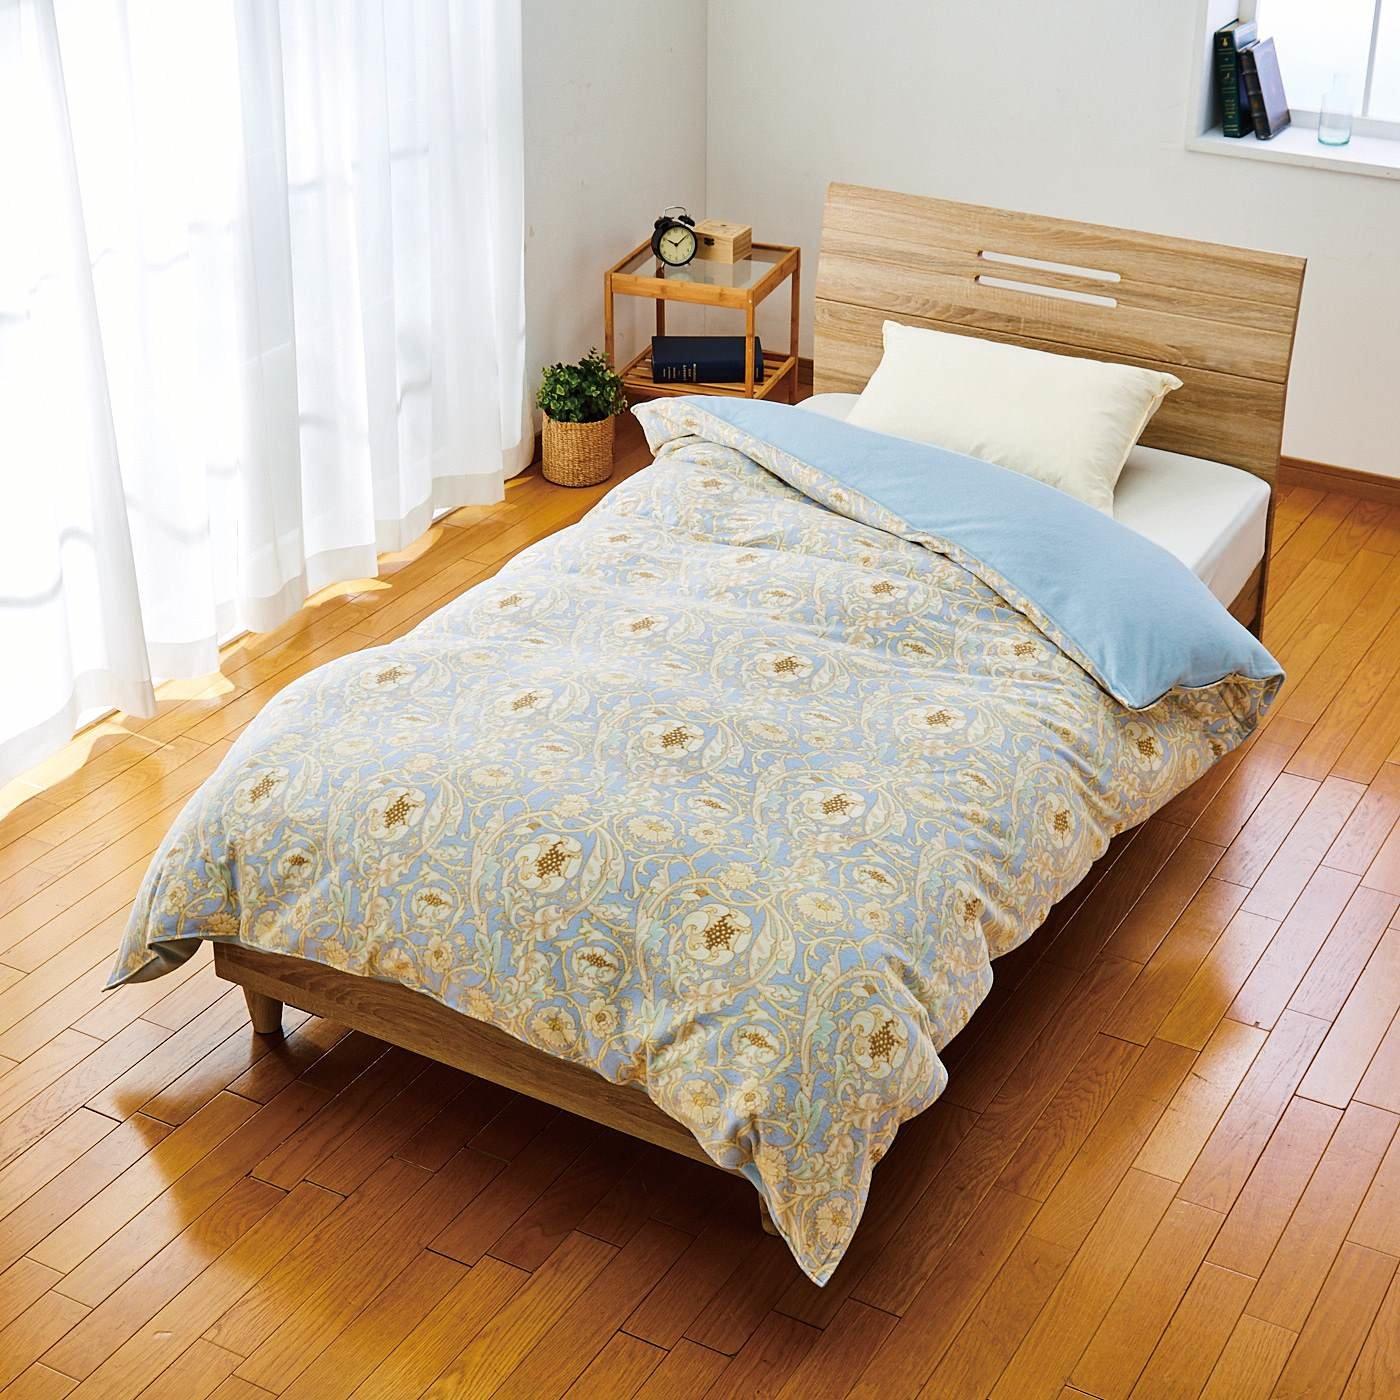 V&A Arts&Crafts collection とことん眠りにこだわった 綿起毛でリッチな寝心地 ウォームパイル 掛けふとんカバー レチレード〈シングル〉